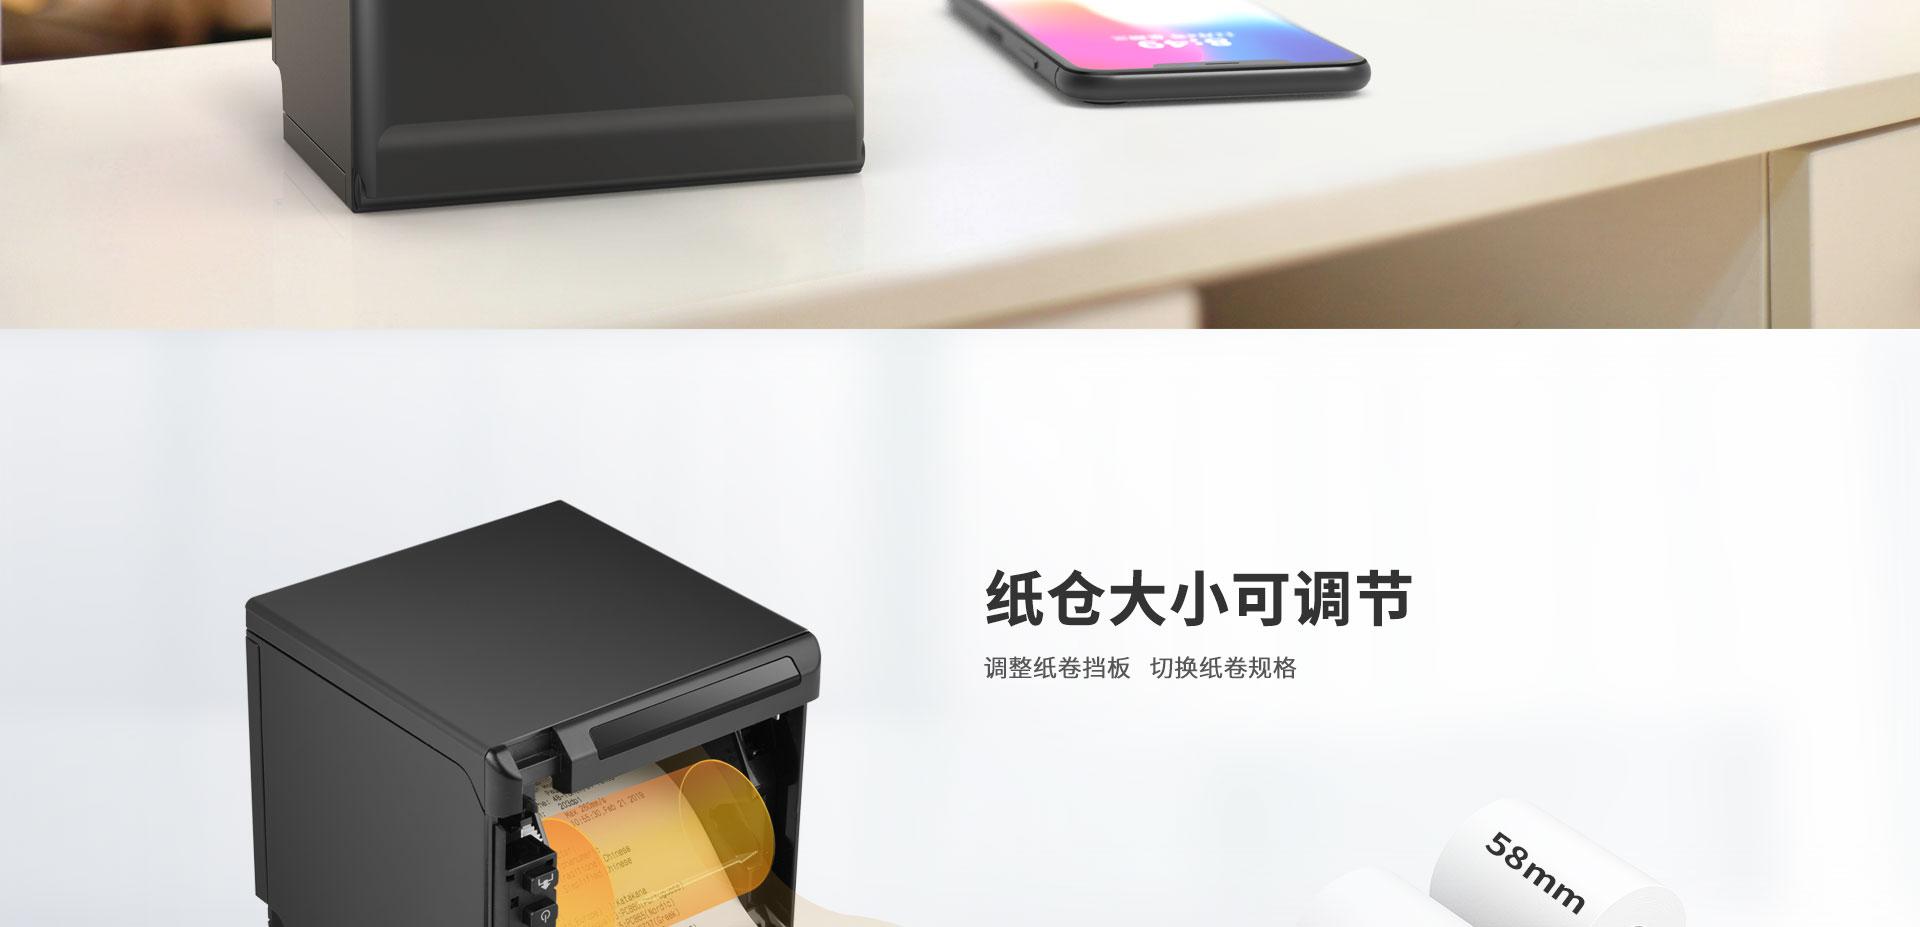 TP808立体时尚设计热敏票据打印机  第4张